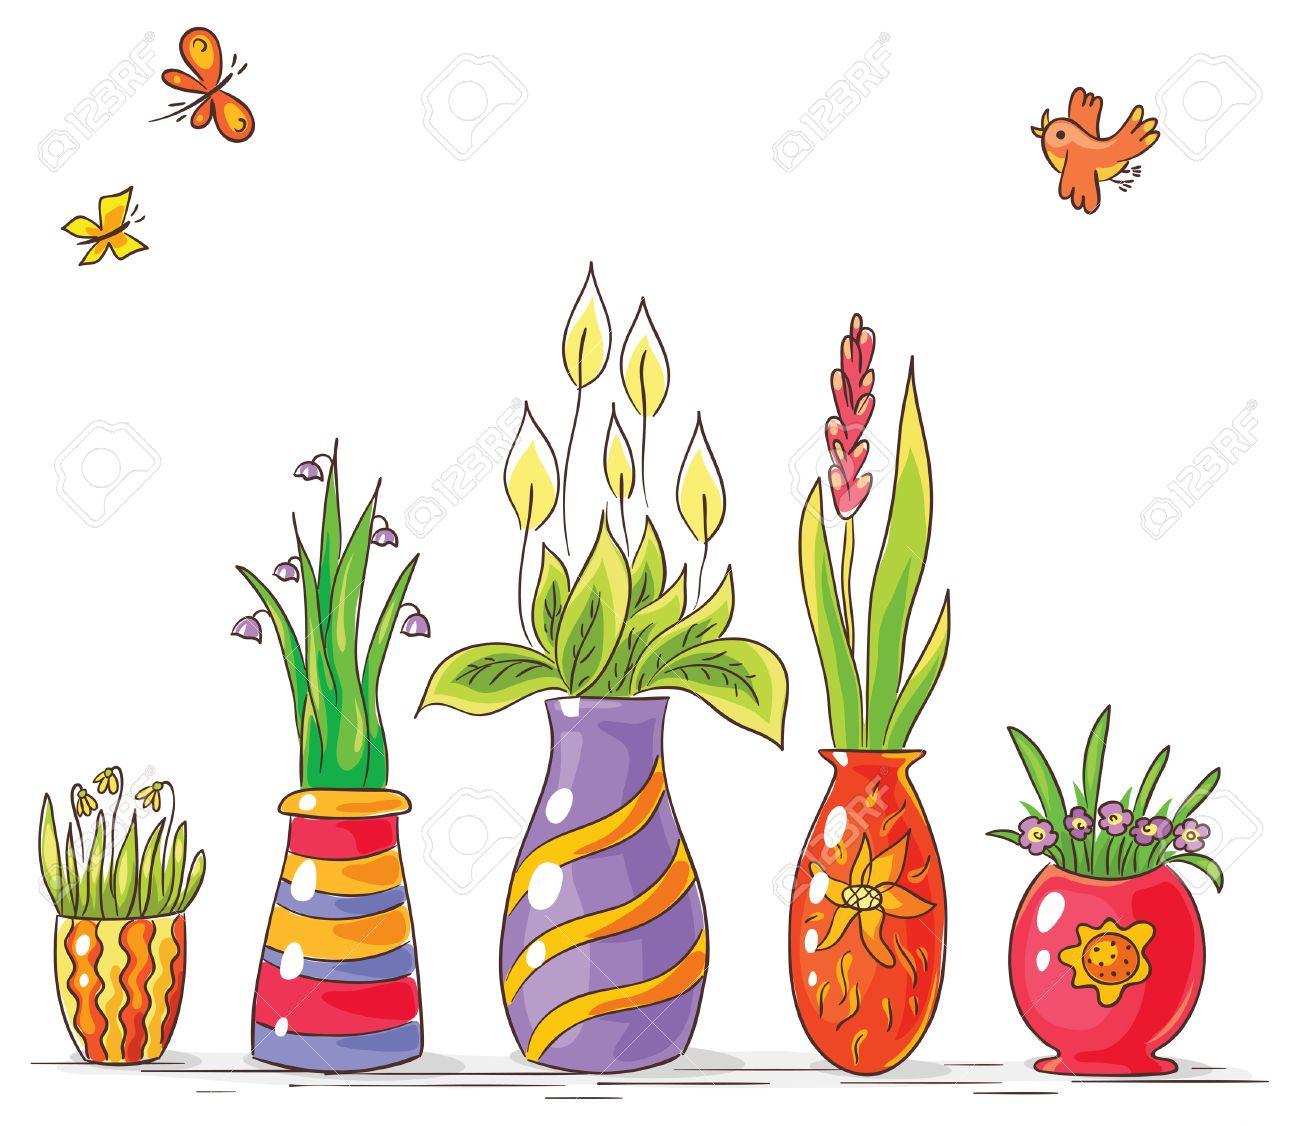 Dessin De Vases Avec Des Fleurs Colorees Dans Une Rangee Pas De